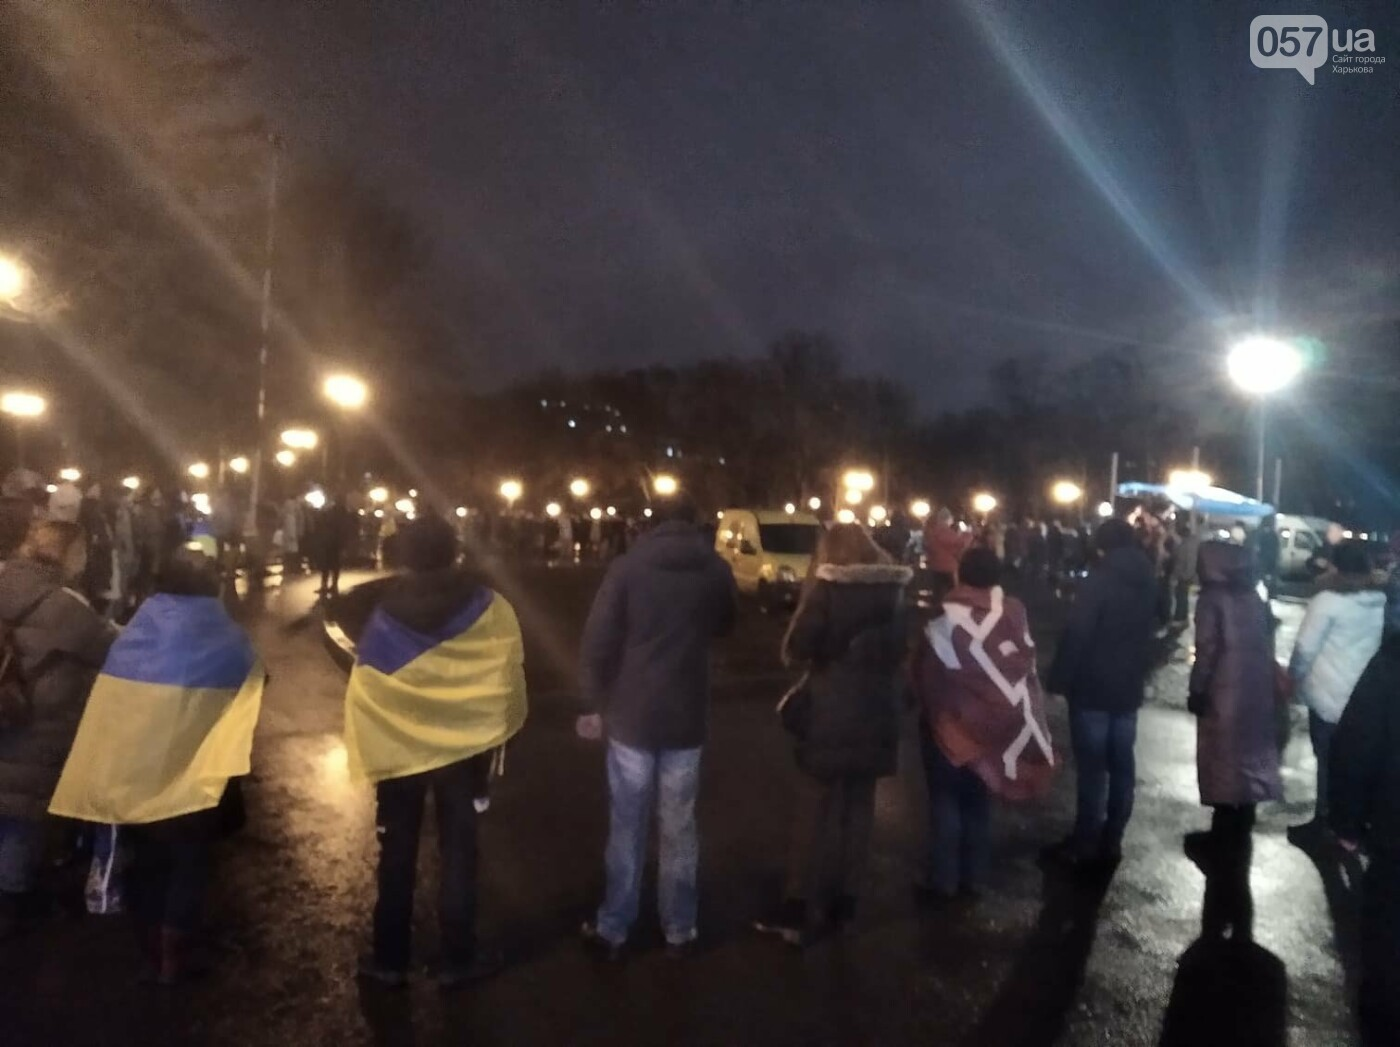 В Харькове активисты создали живую цепь в честь Дня Соборности Украины, - ФОТО, фото-1